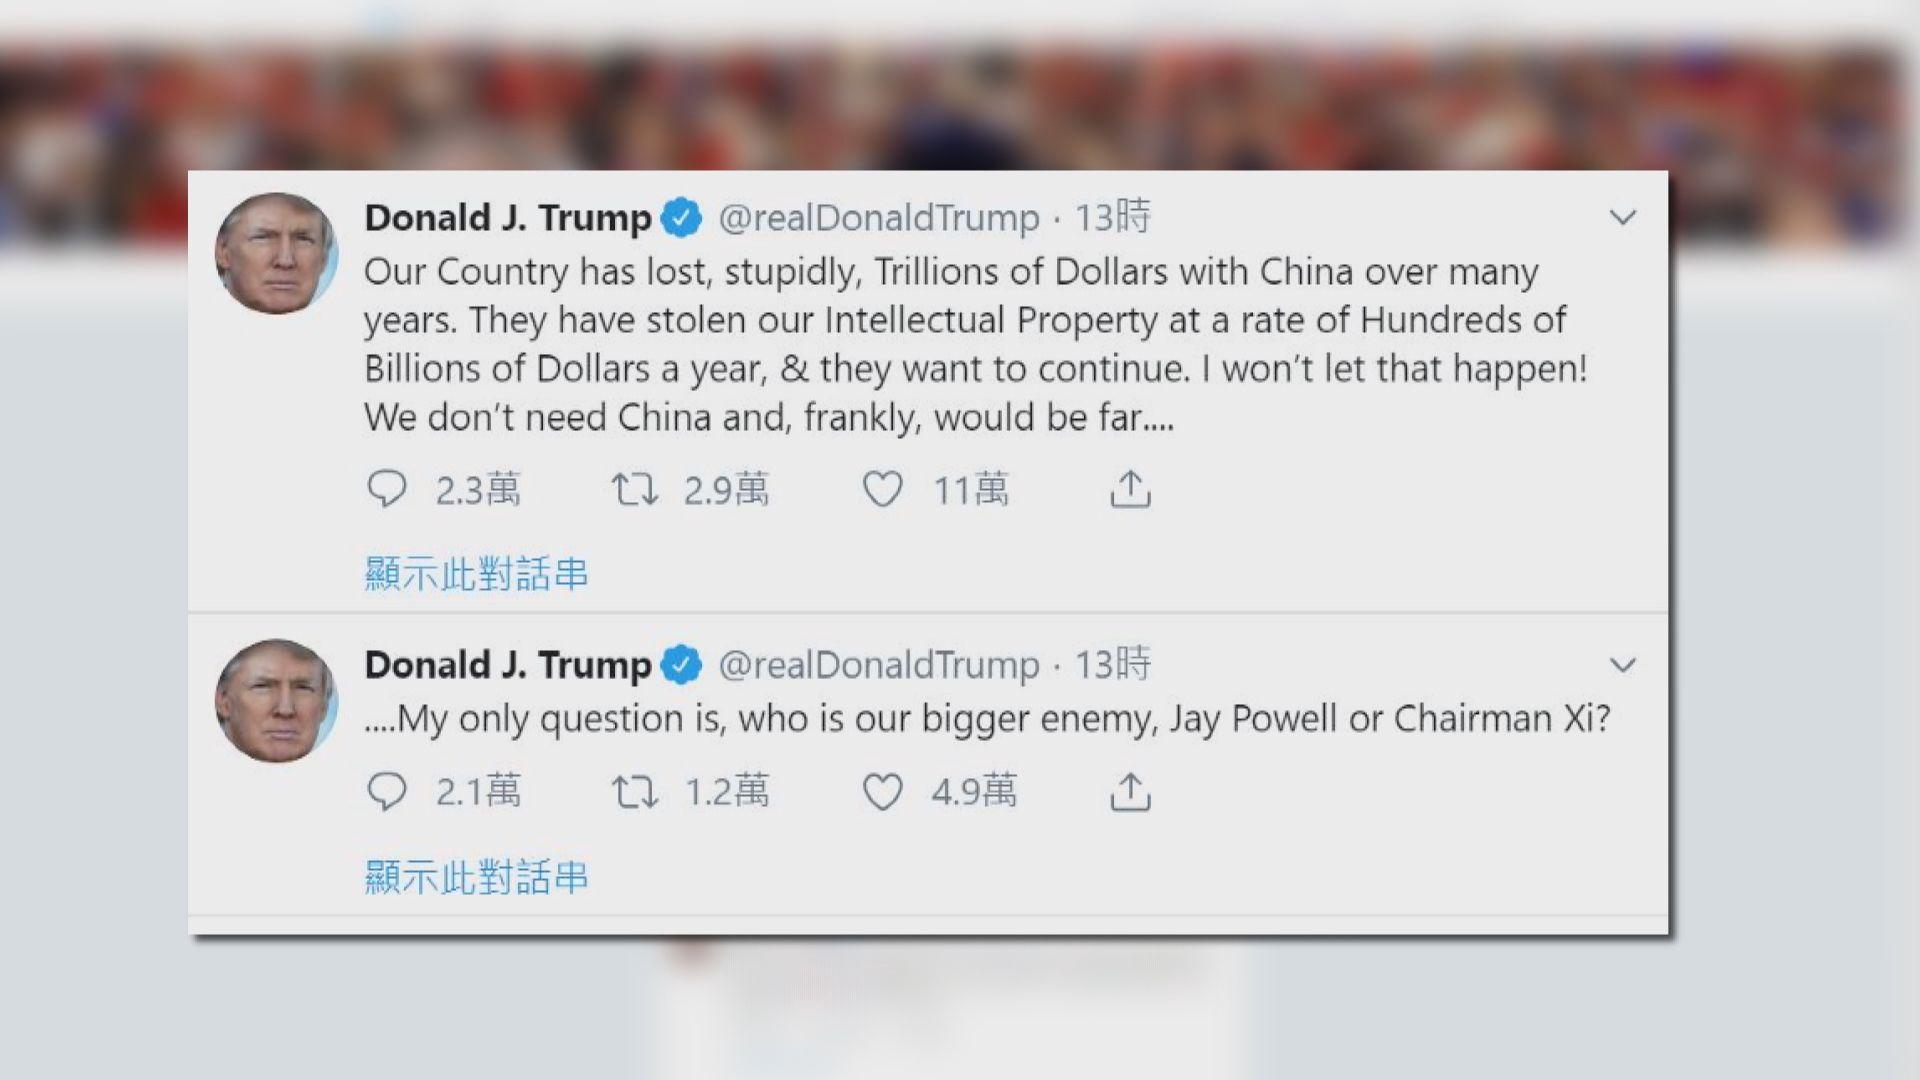 評論指特朗普帖文意味對華政策或有轉變